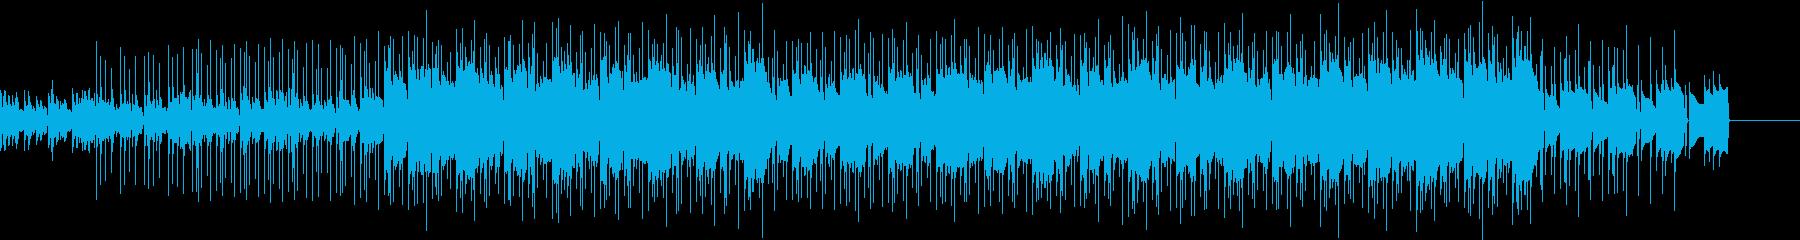 ネガティブでもパワーのあるテクノロックの再生済みの波形